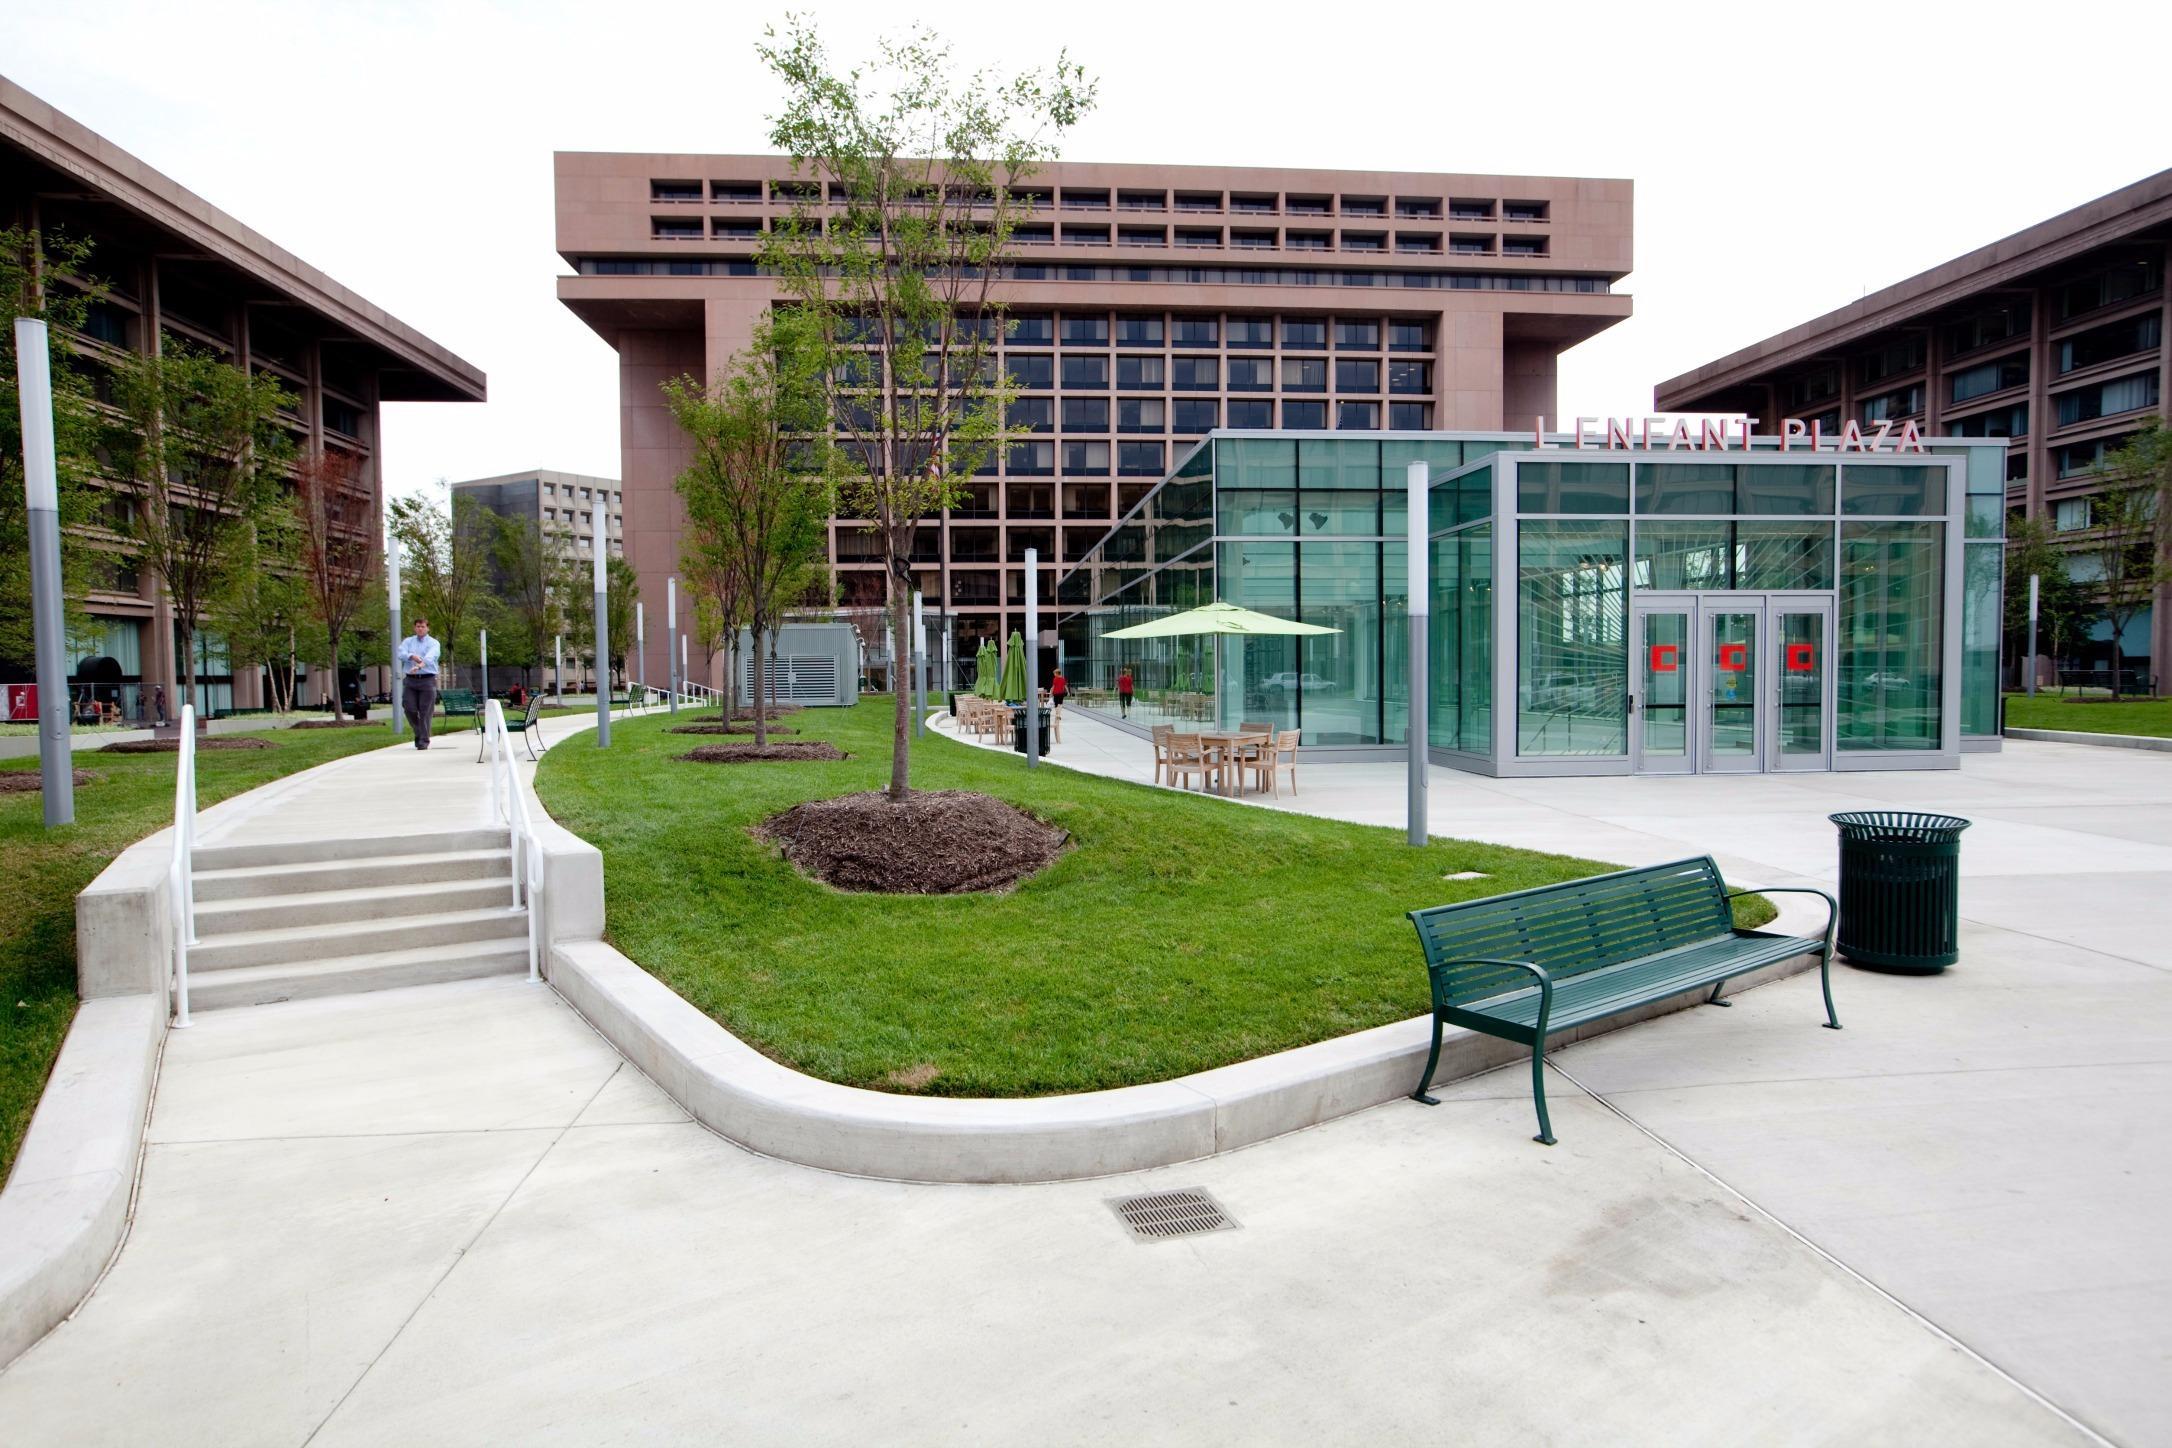 L'Enfant Plaza image 9